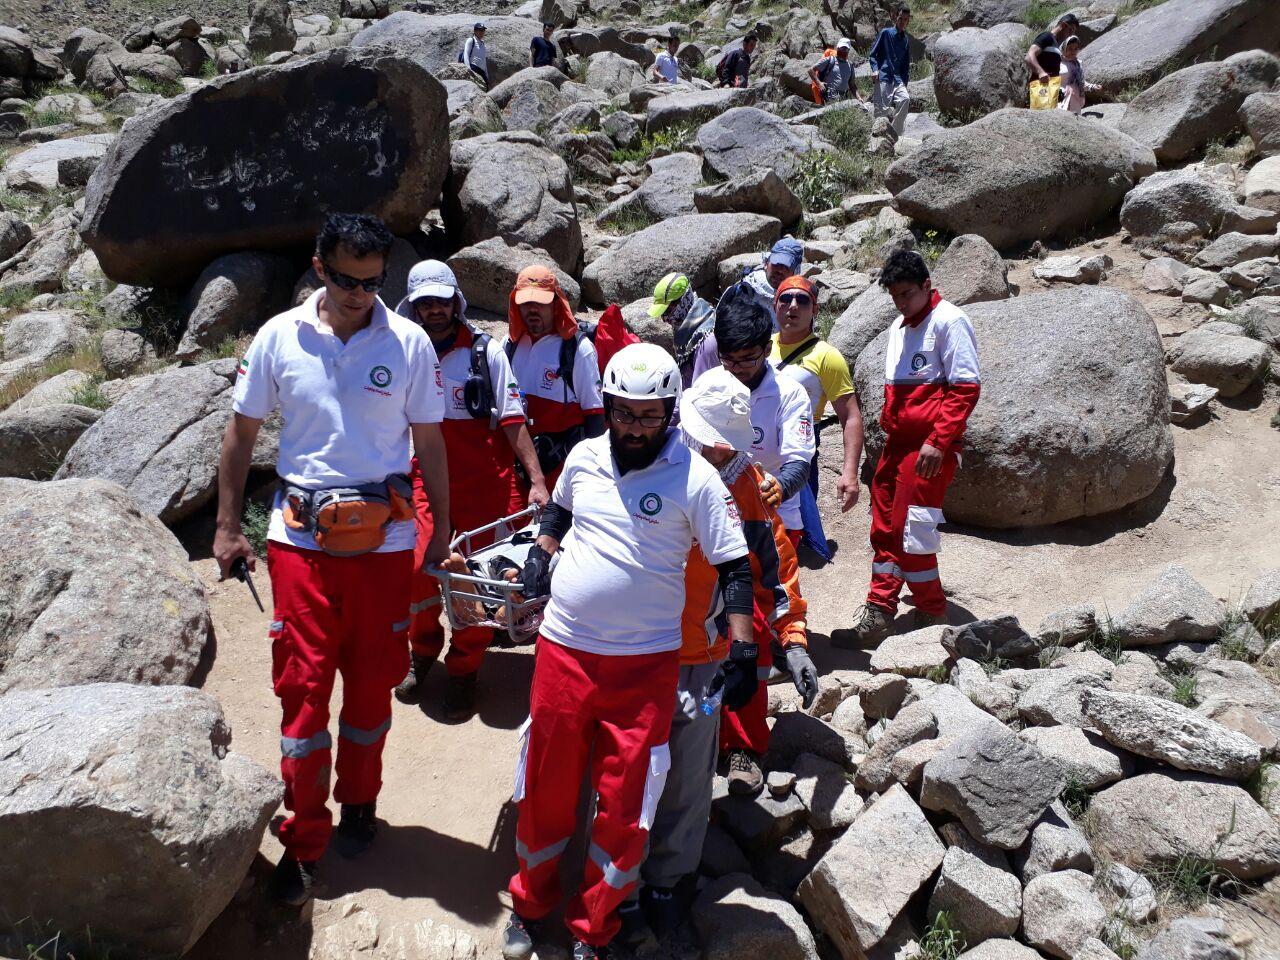 سازمان امداد و نجات جمعیت اختصاصا متولی امداد و نجات کوهستان نیست